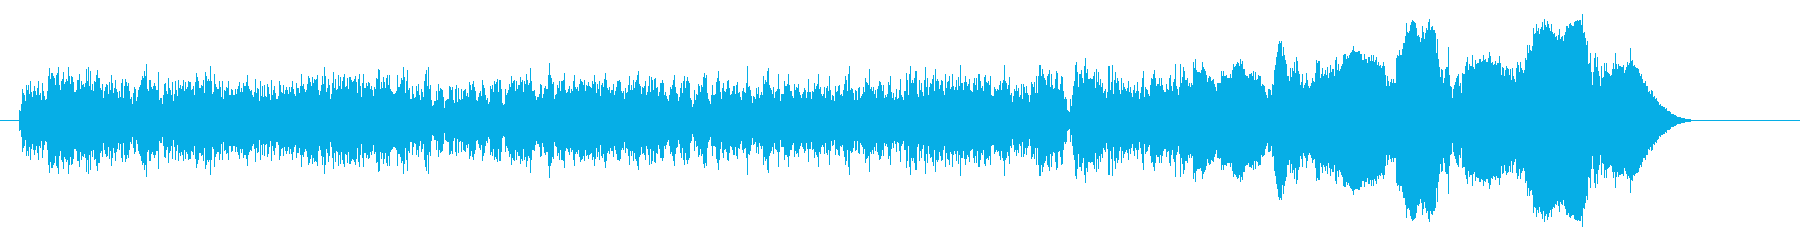 ナスカーレーシング;インテリア/レ...の再生済みの波形